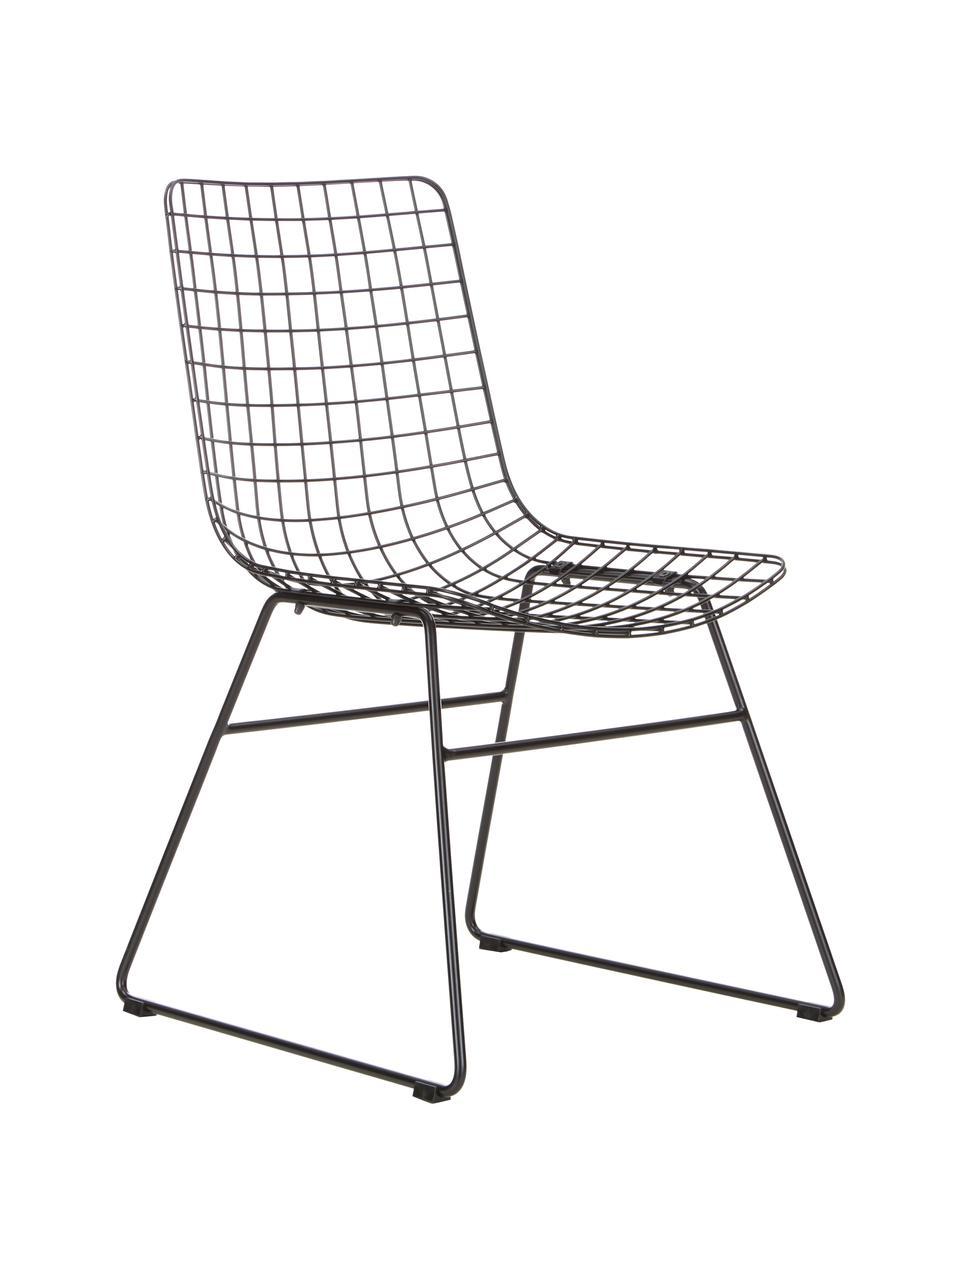 Sedia in metallo nero Wire, Metallo verniciato a polvere, Nero, Larg. 47 x Prof. 54 cm